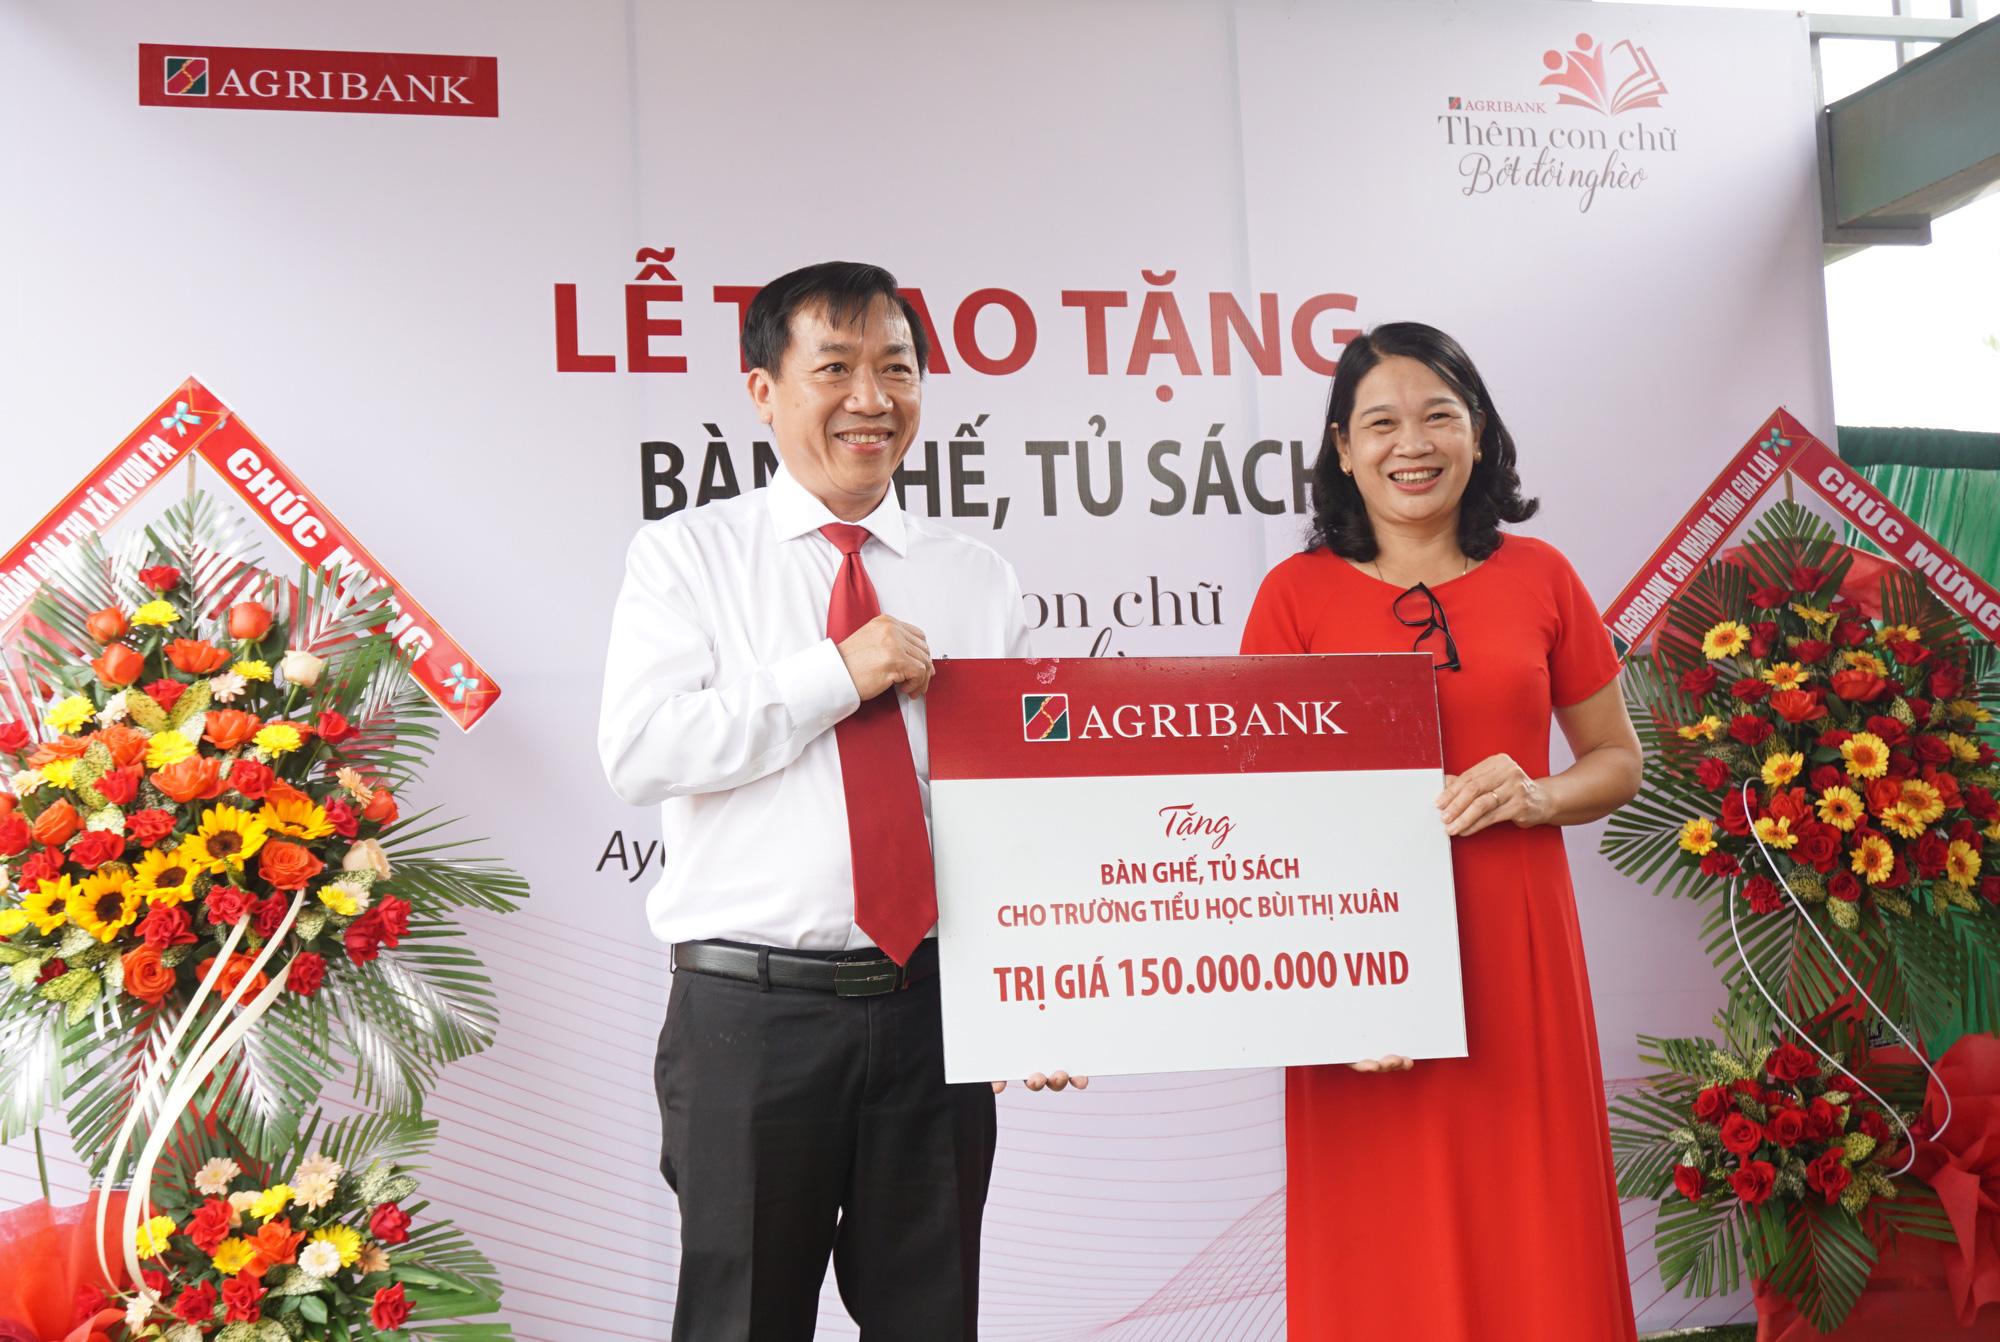 """Agribank chi nhánh Gia Lai: Trao tặng tủ, bàn ghế cho học sinh """"thêm con chữ, bớt đói nghèo"""" - Ảnh 1."""